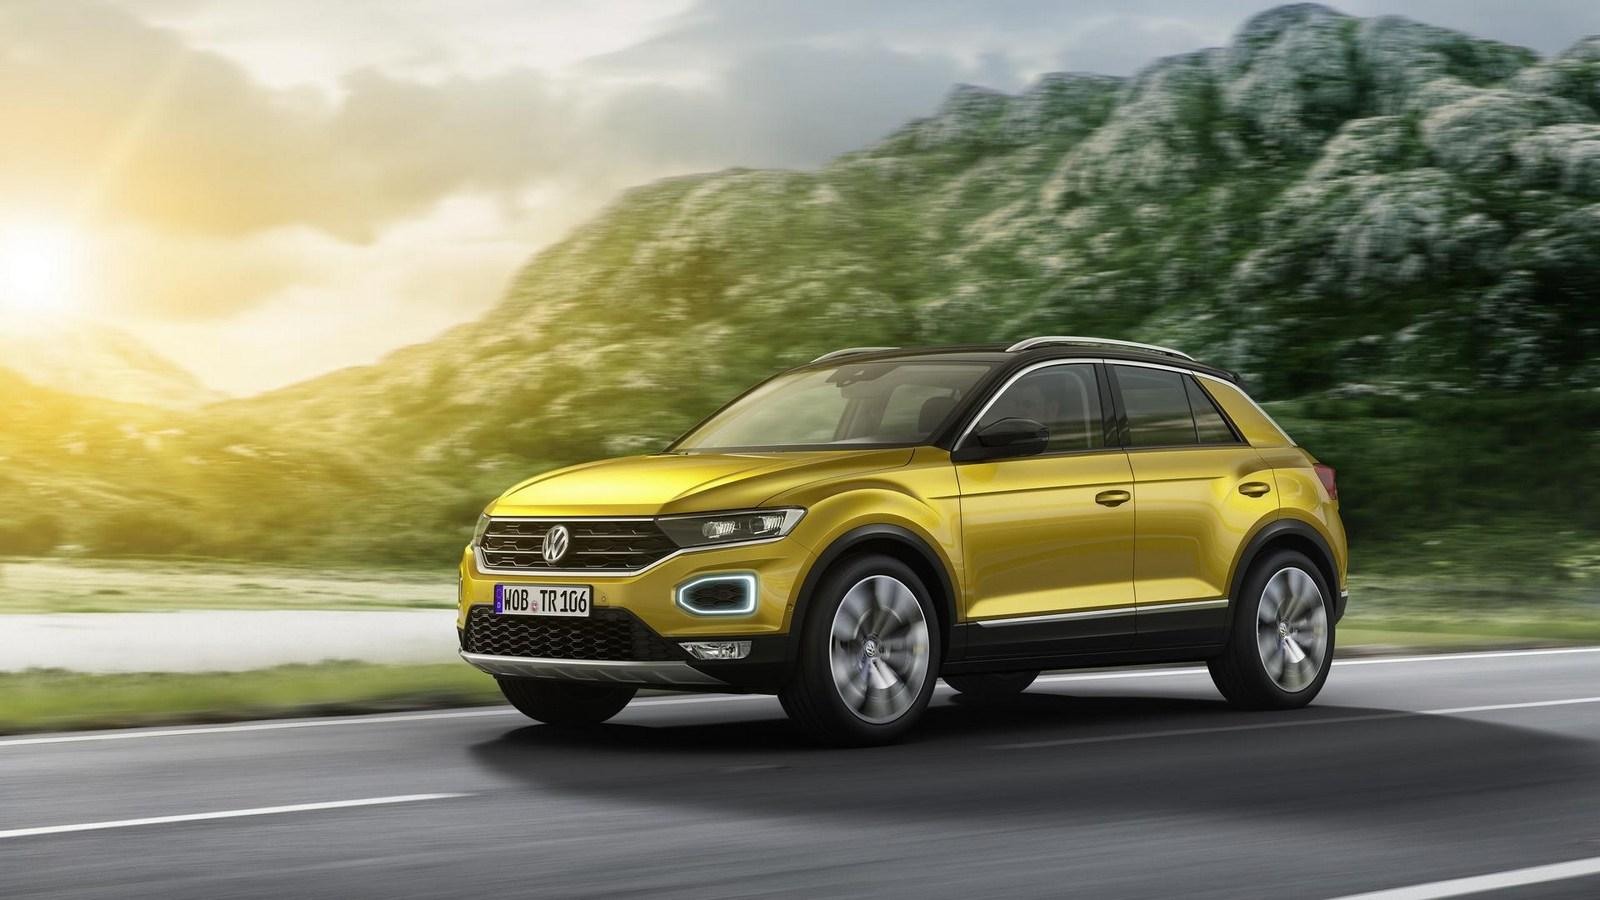 2018_Volkswagen_T-Roc_01